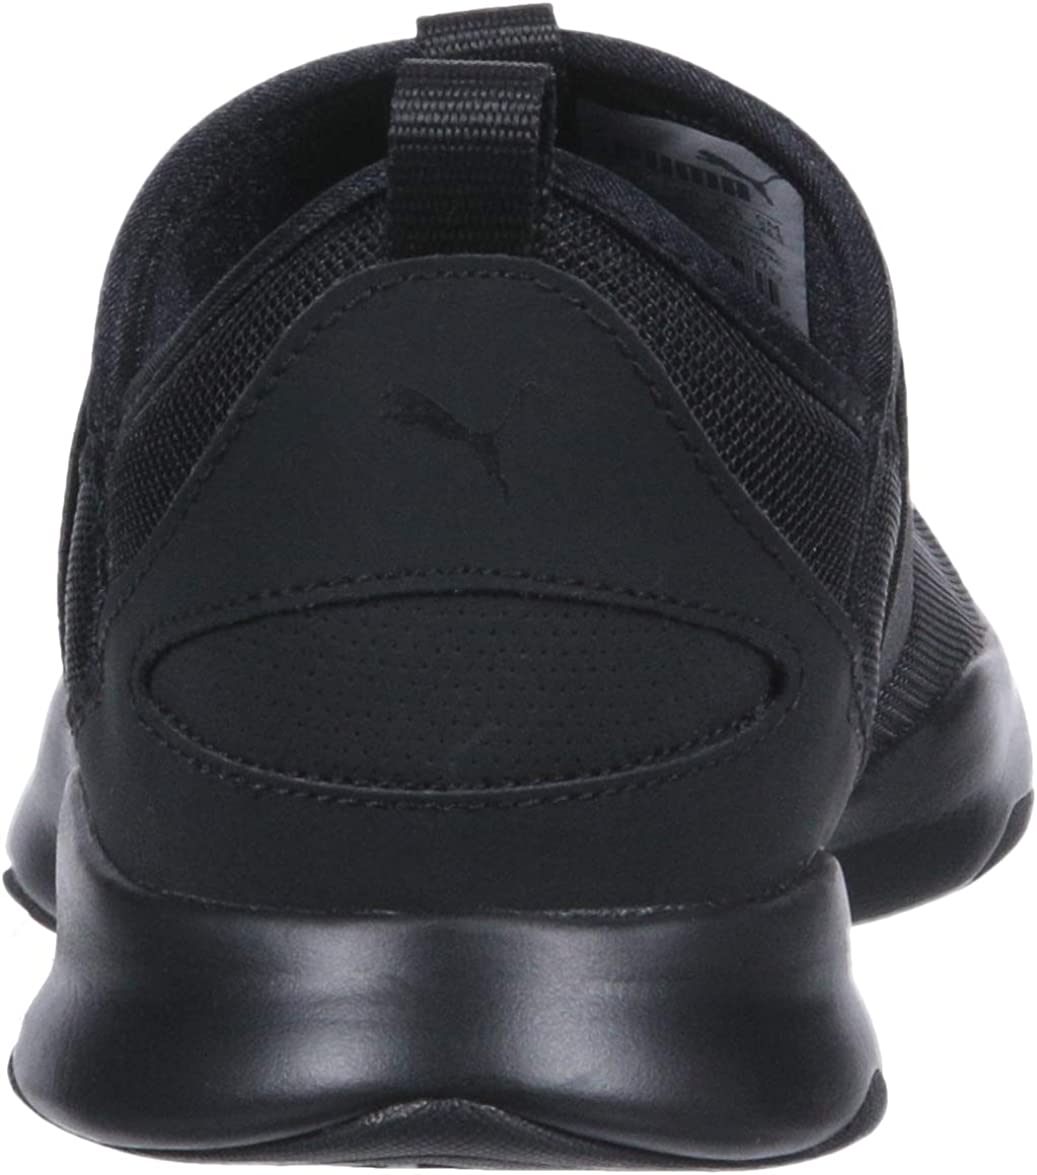 PUMA Men's Dare Sneaker   Fashion